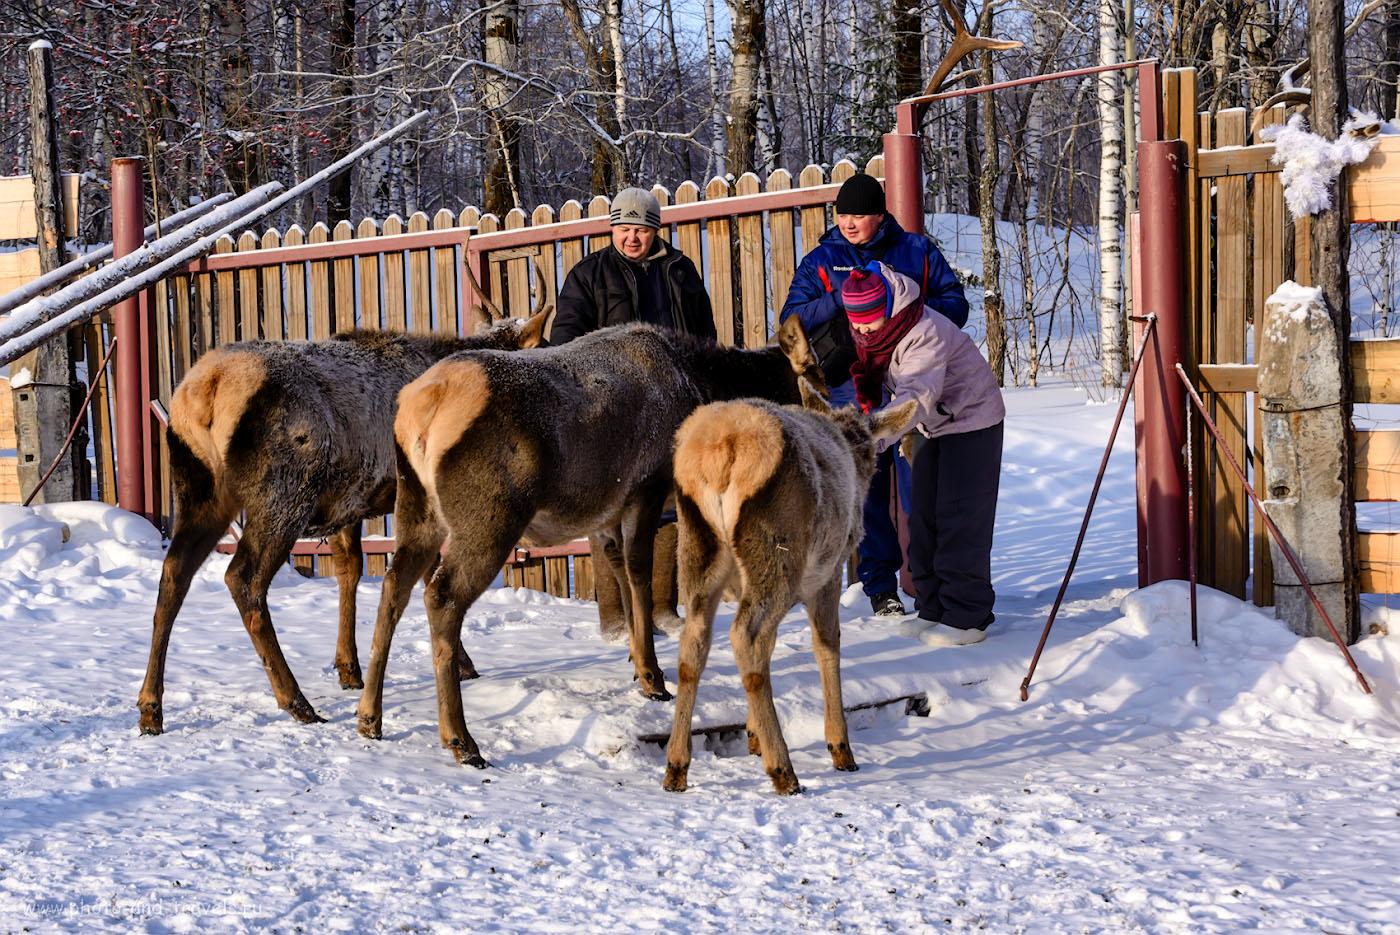 Изображение 29. Олени в челябинской области. Экскурсия на мараловую ферму. 1/320, -0.33, 8.0, 250, 70.